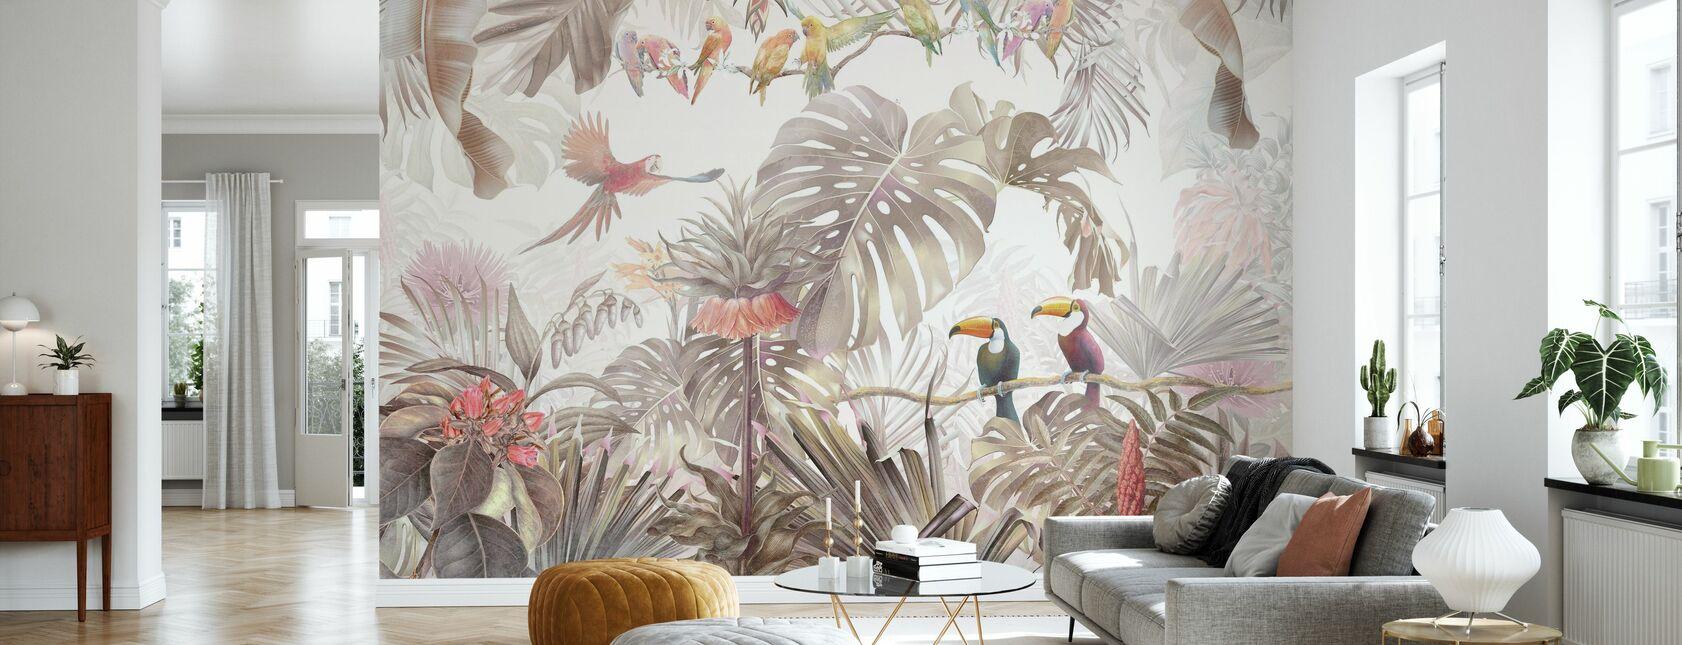 Aves Tropicales - Papel pintado - Salón